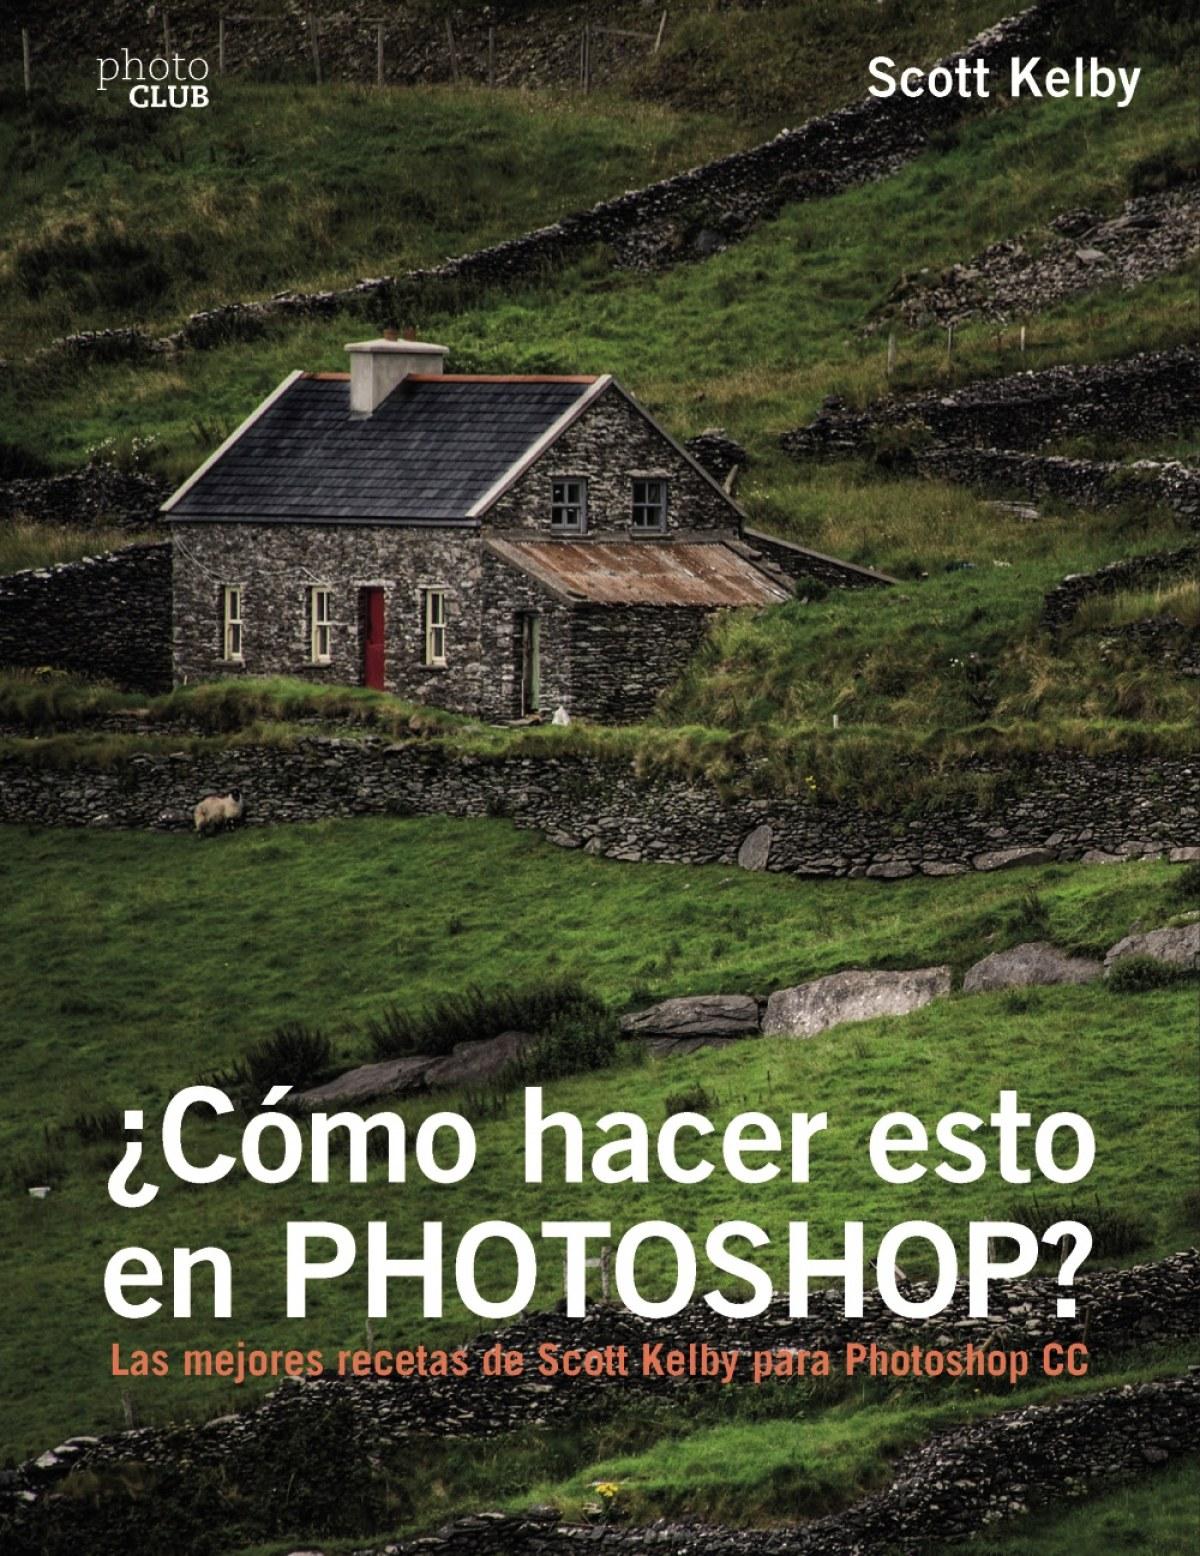 ¿CÓMO HACER ESTO EN PHOTOSHOP?